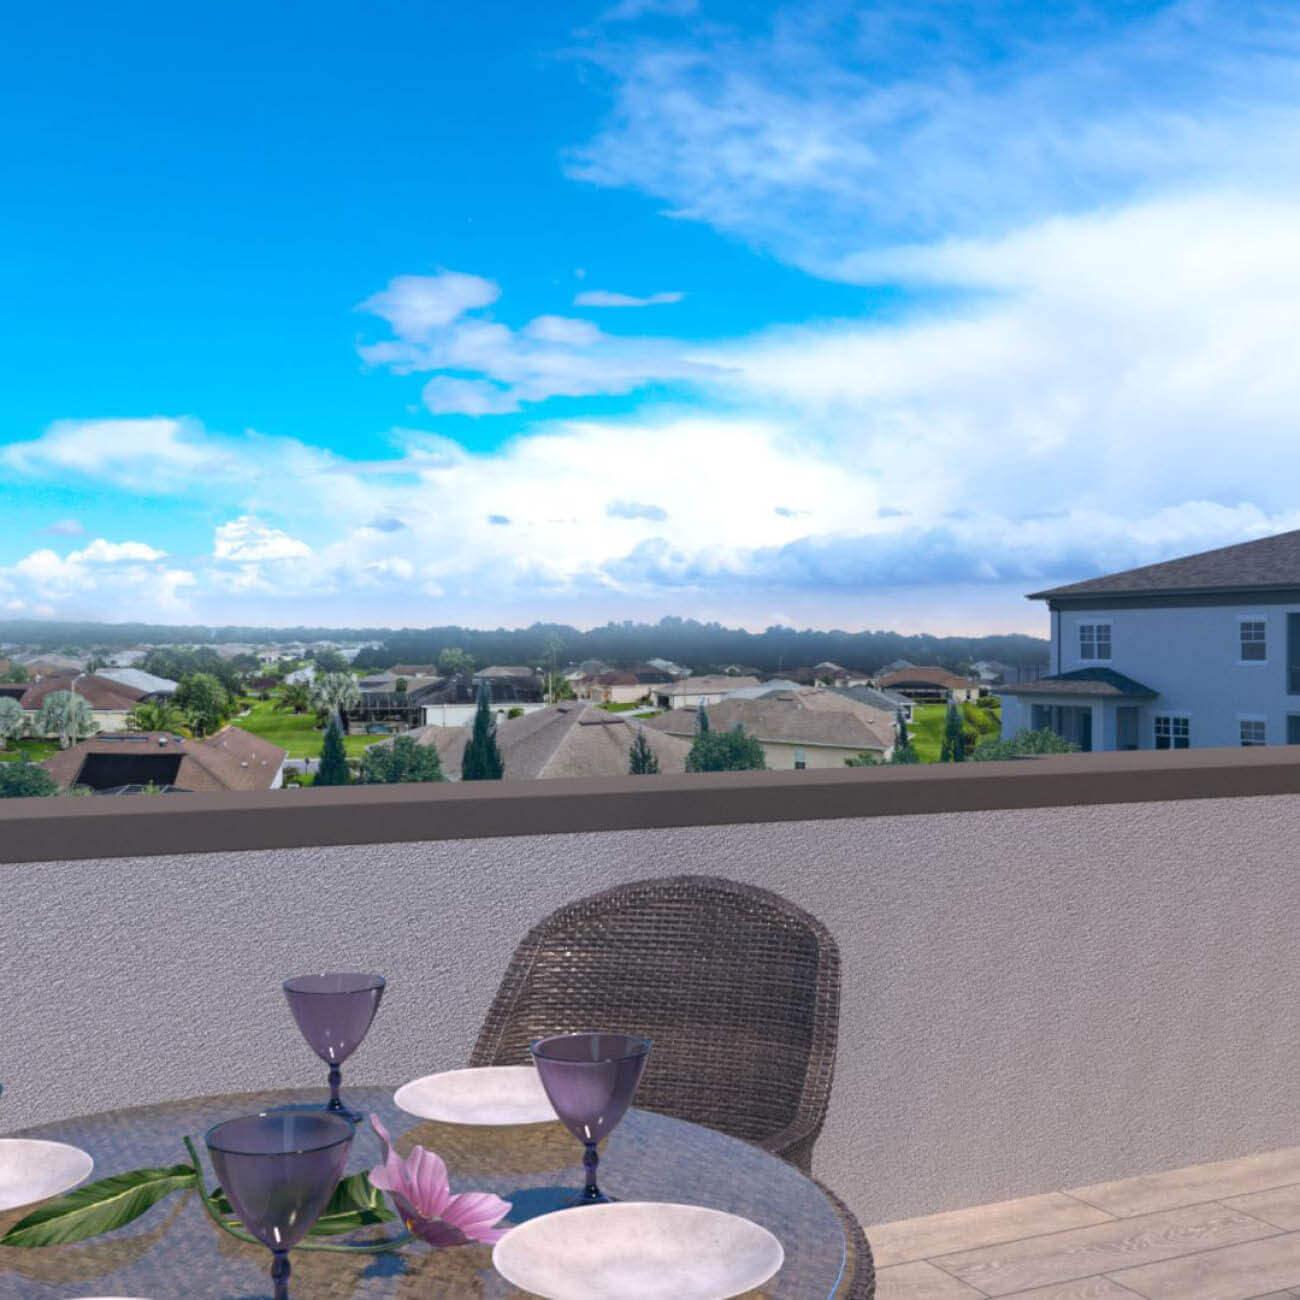 3D computer rendering of rooftop bar